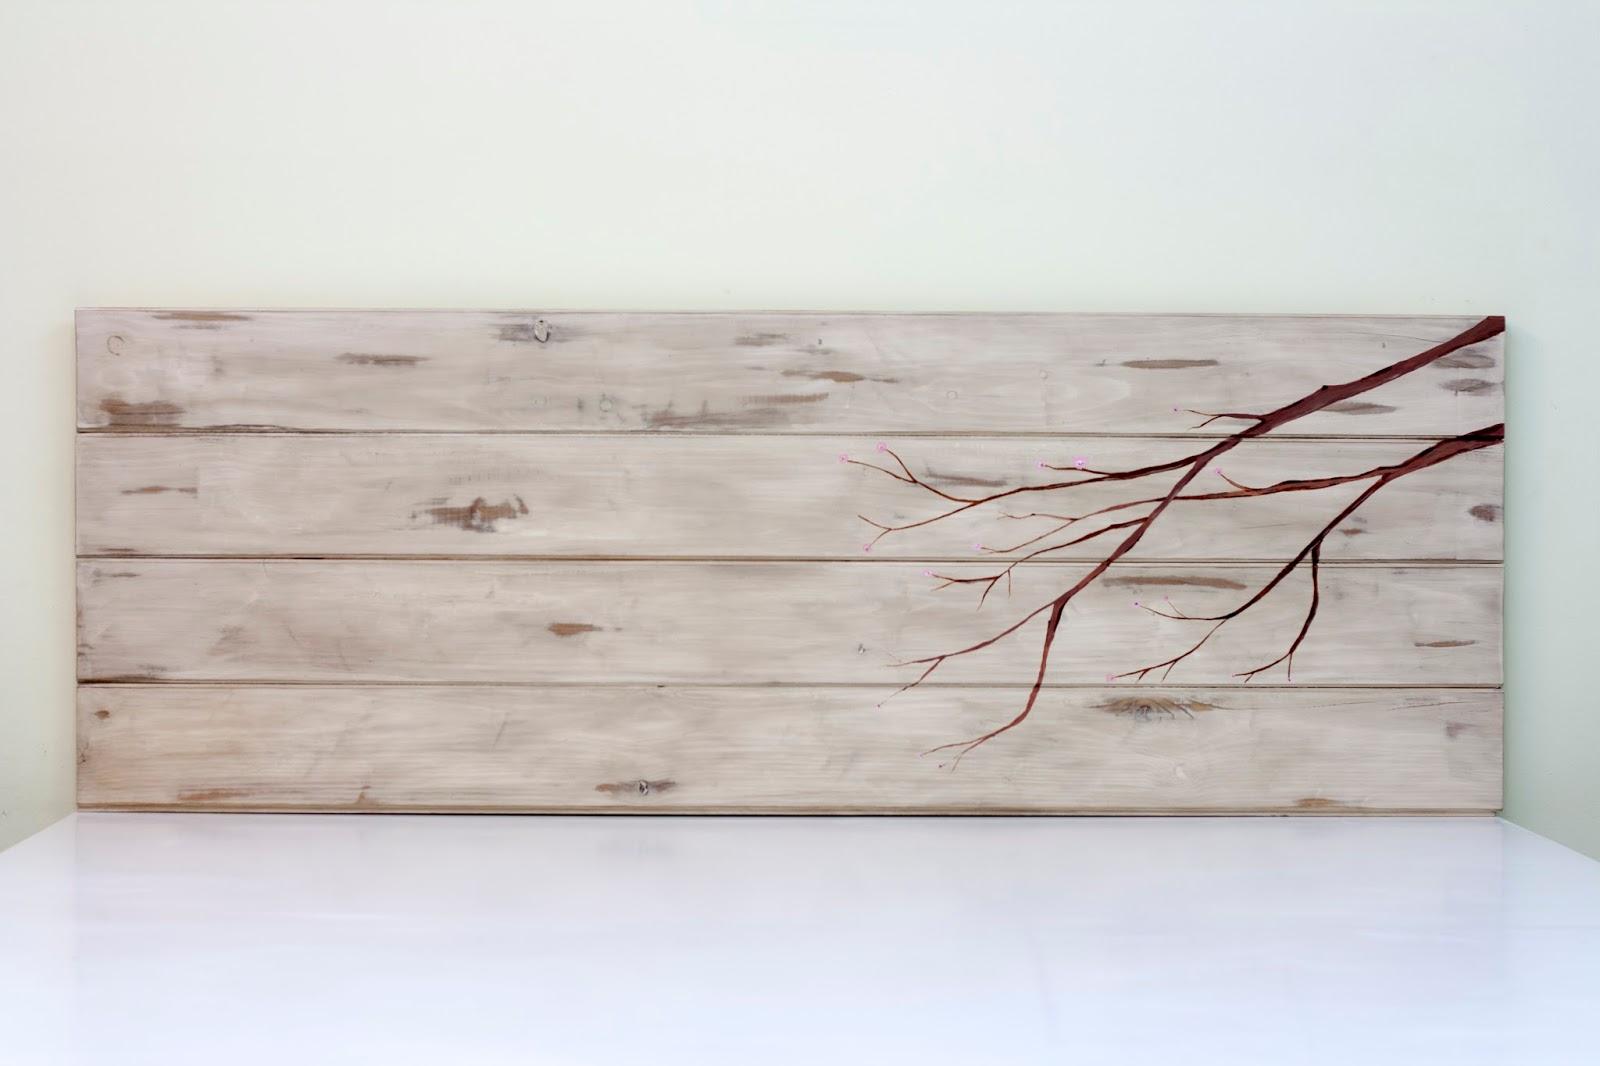 Academia de arte y creatividad pola de siero la pintura for Pintura para muebles efecto tiza